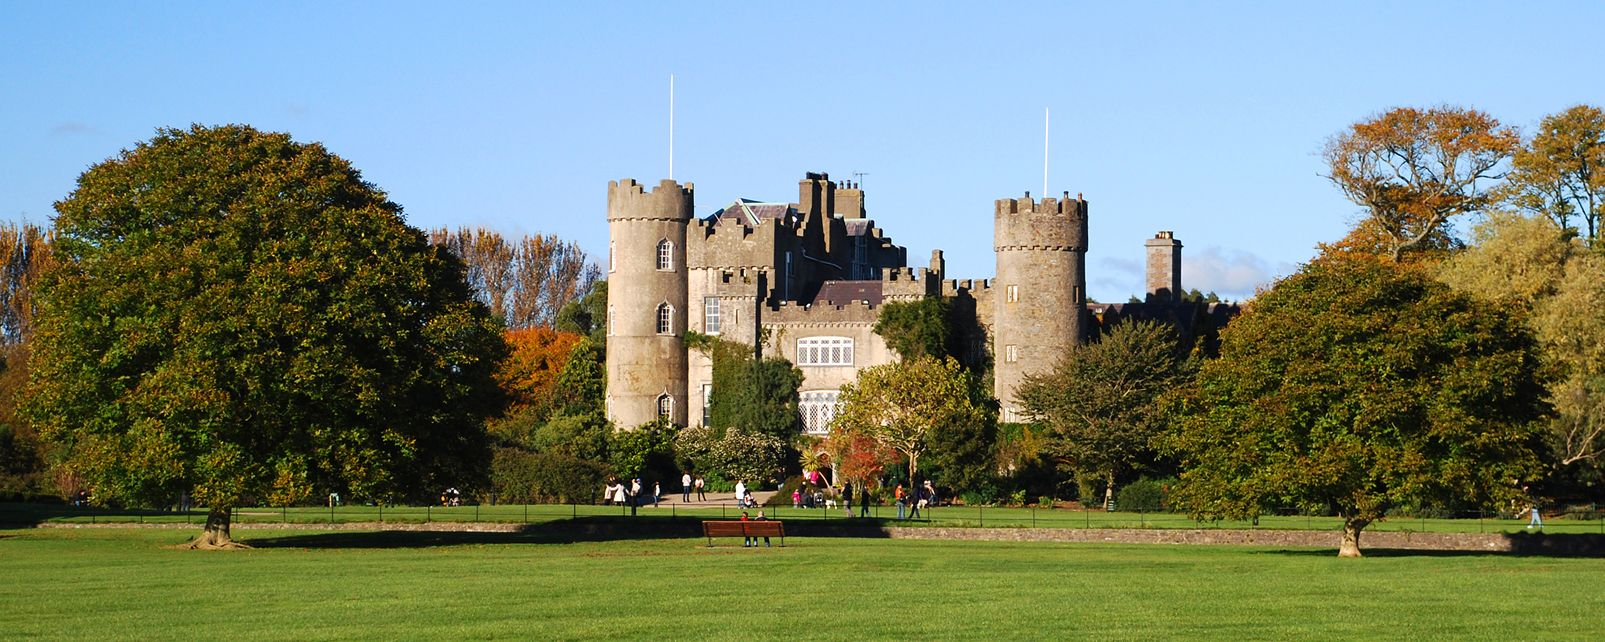 Malahide Castle, Dublin, Malahide Castle, Monuments, Dublin, Ireland